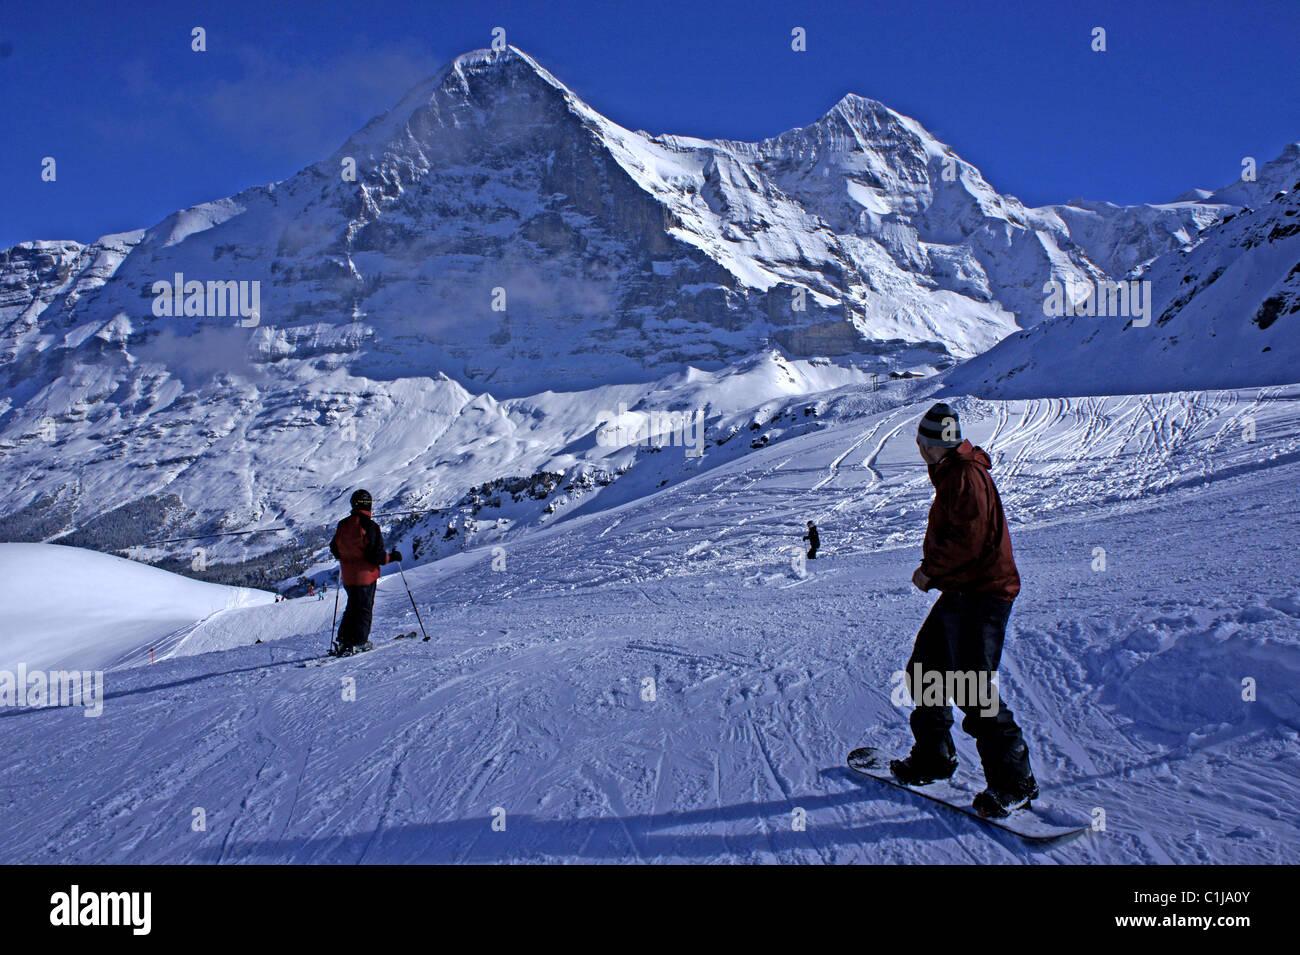 Skifahrer auf den Pisten Skiarea männlichen oben Grindelwld mit Mtns. Eiger und Monch, Berner Alpen, Schweiz Stockbild